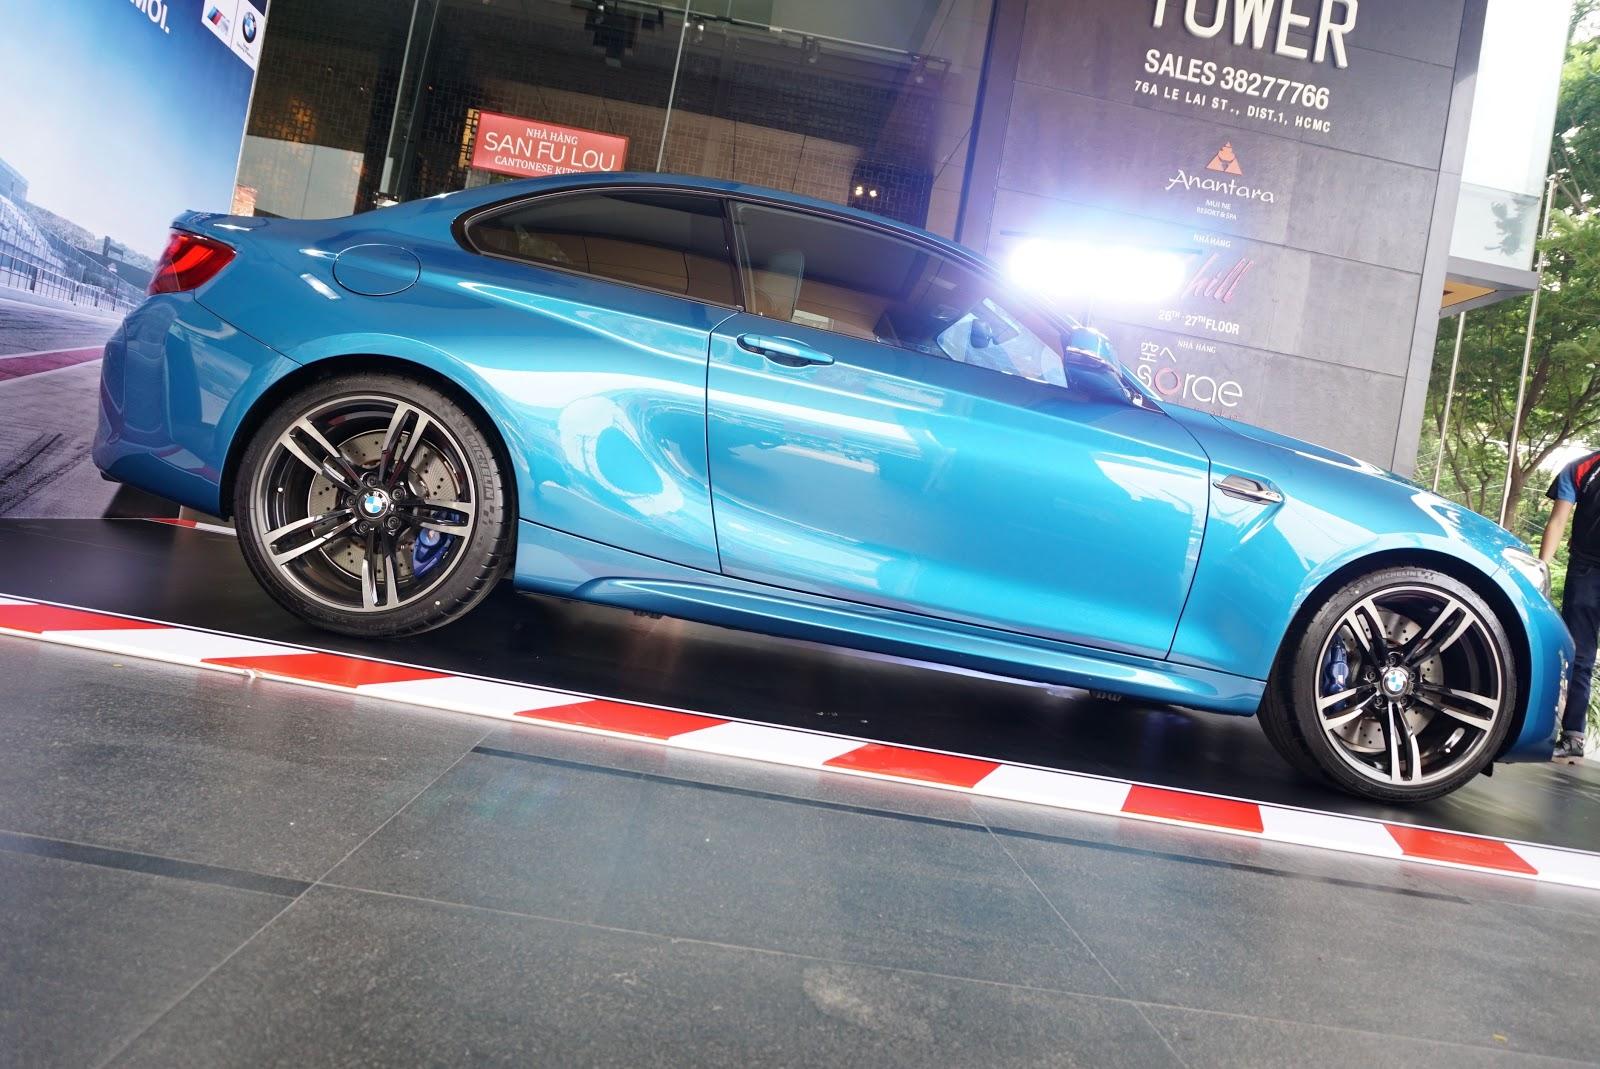 BMW M2 Coupe là một chiếc xe cực kỳ đa năng khi đi trên đường đô thị